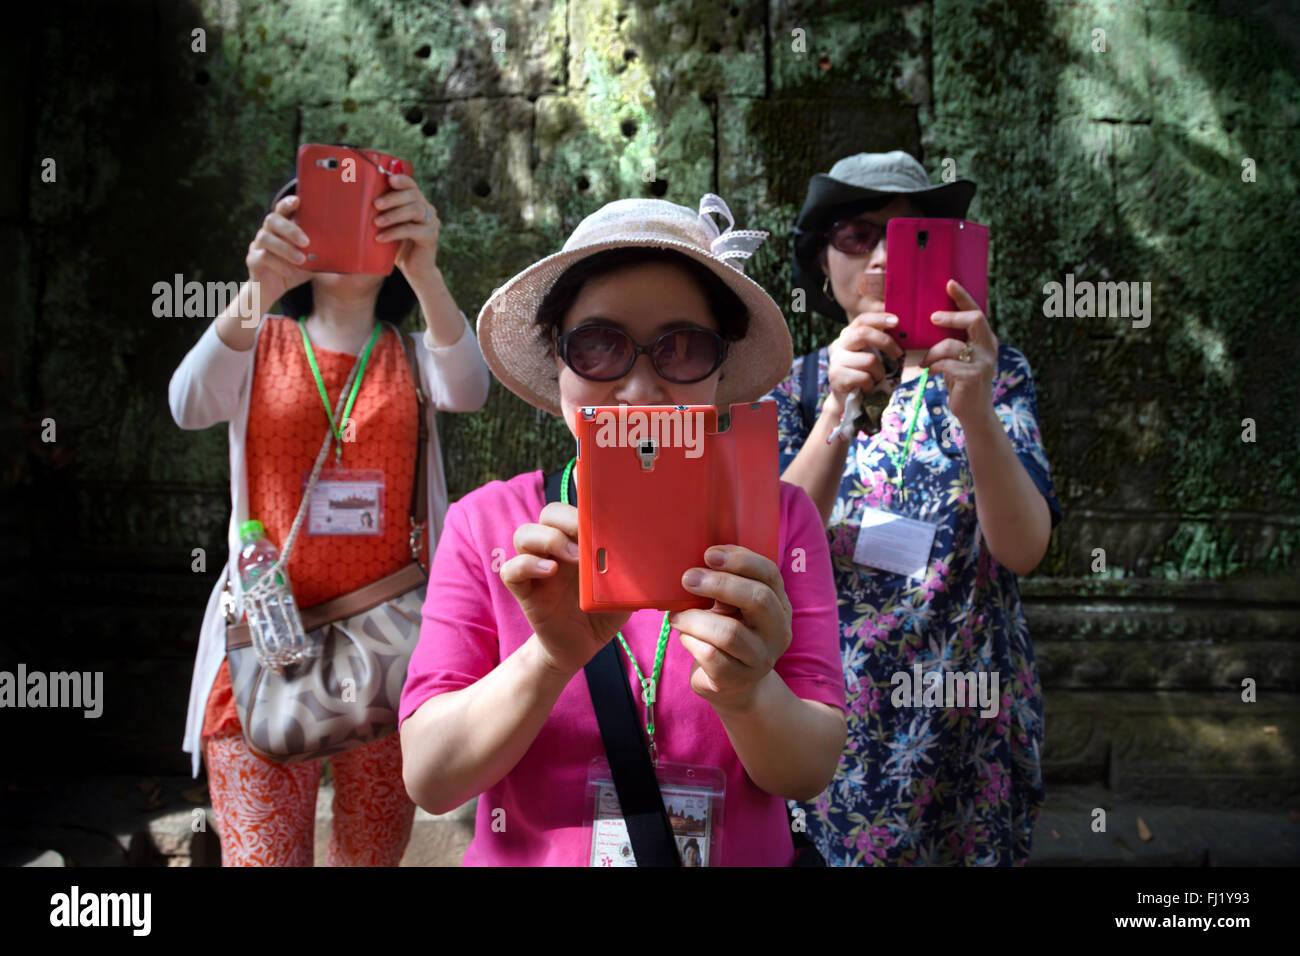 Los turistas tomando selfie con teléfono móvil dentro del templo de Angkor Vat, Camboya Imagen De Stock